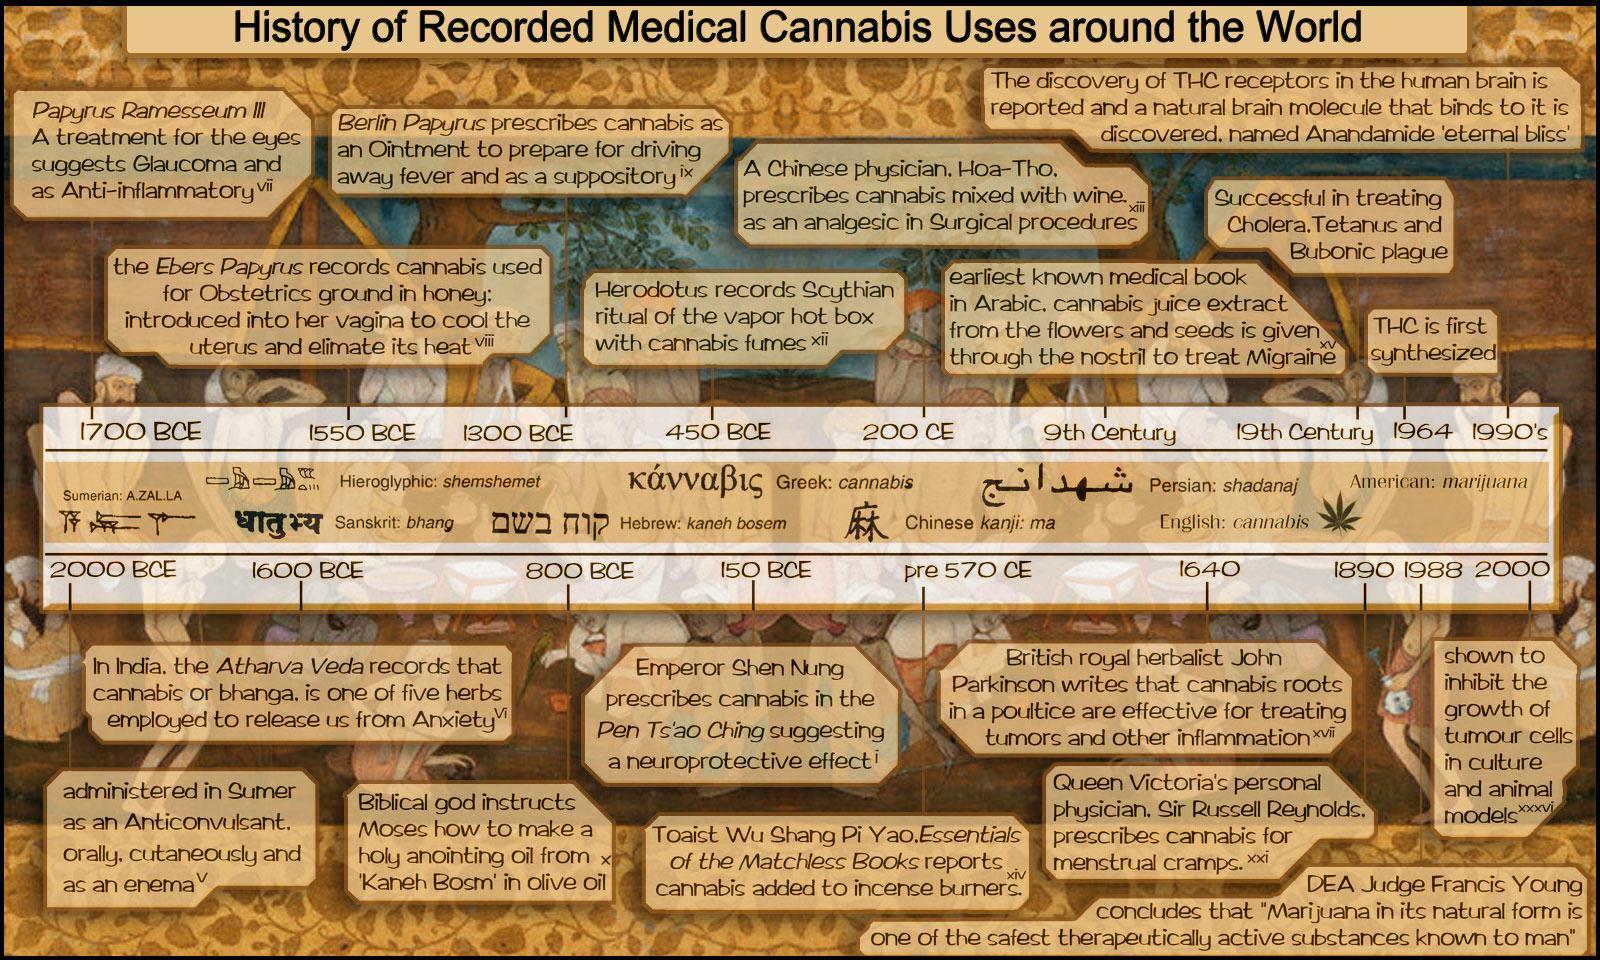 Histoire du cannabis medical